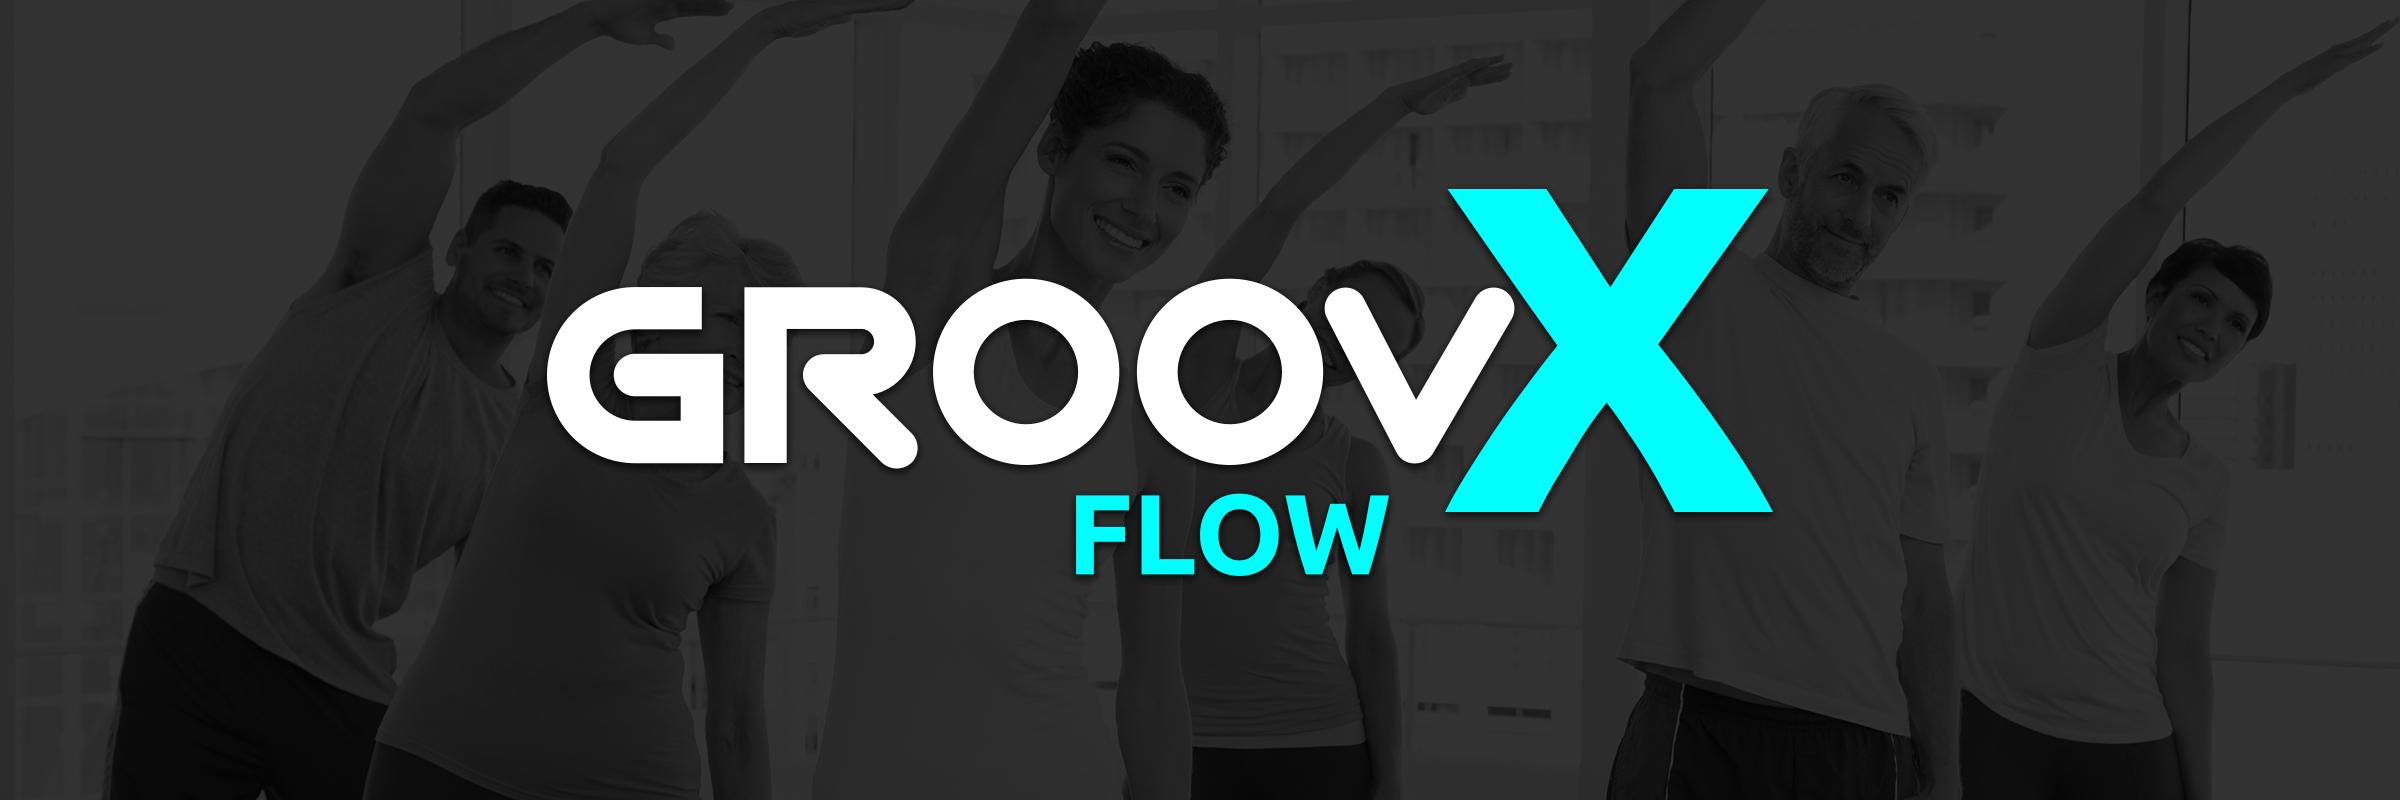 GroovX Flow